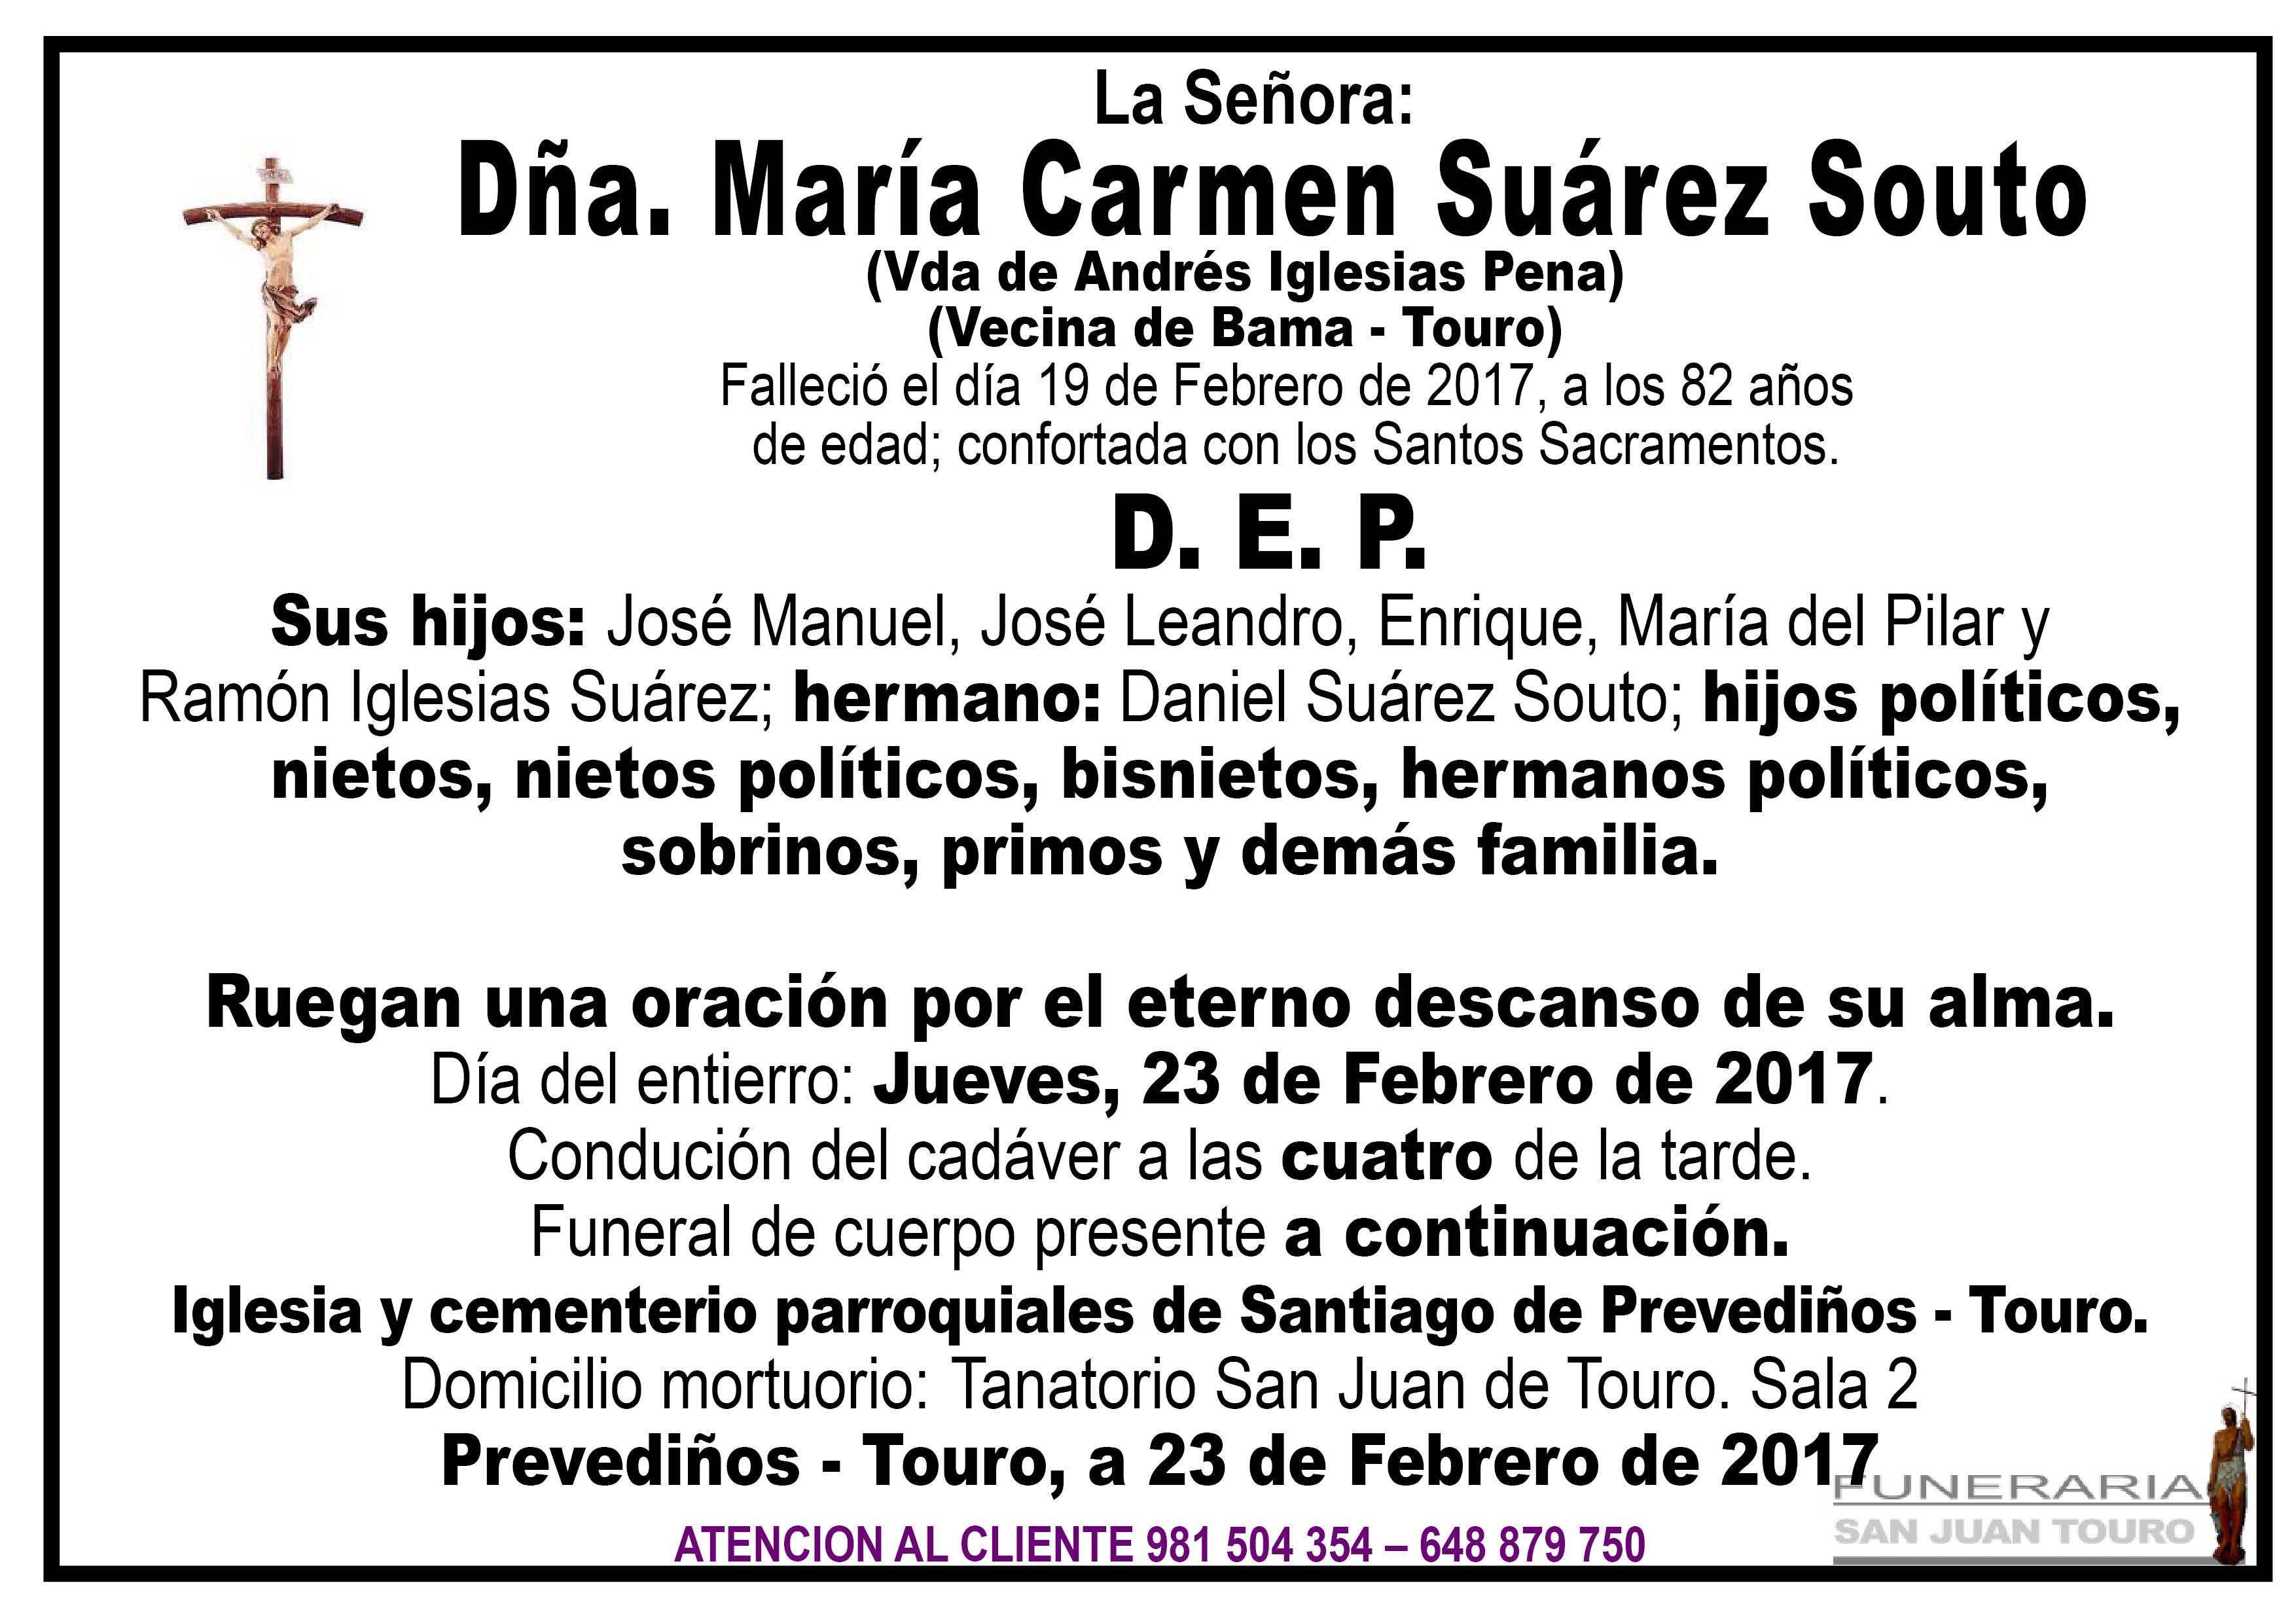 Esquela de SEPELIO DÑA MARÍA CARMEN SUÁREZ SOUTO